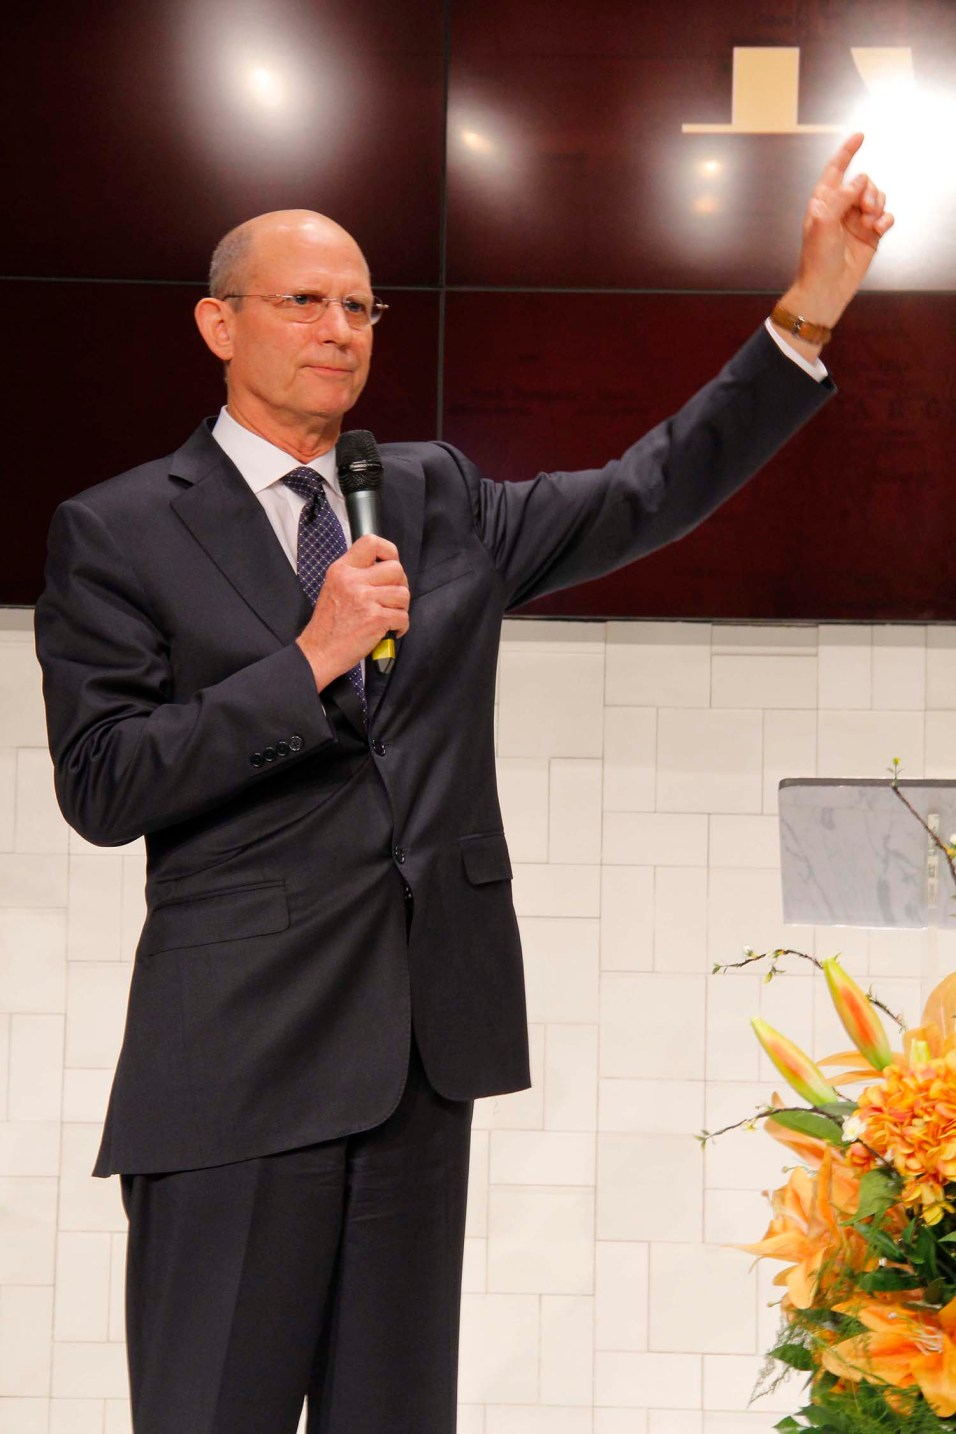 Pastor Ted Wilson, presidente mundial da Igreja Adventista, estimulou líderes a manter o foco no missão